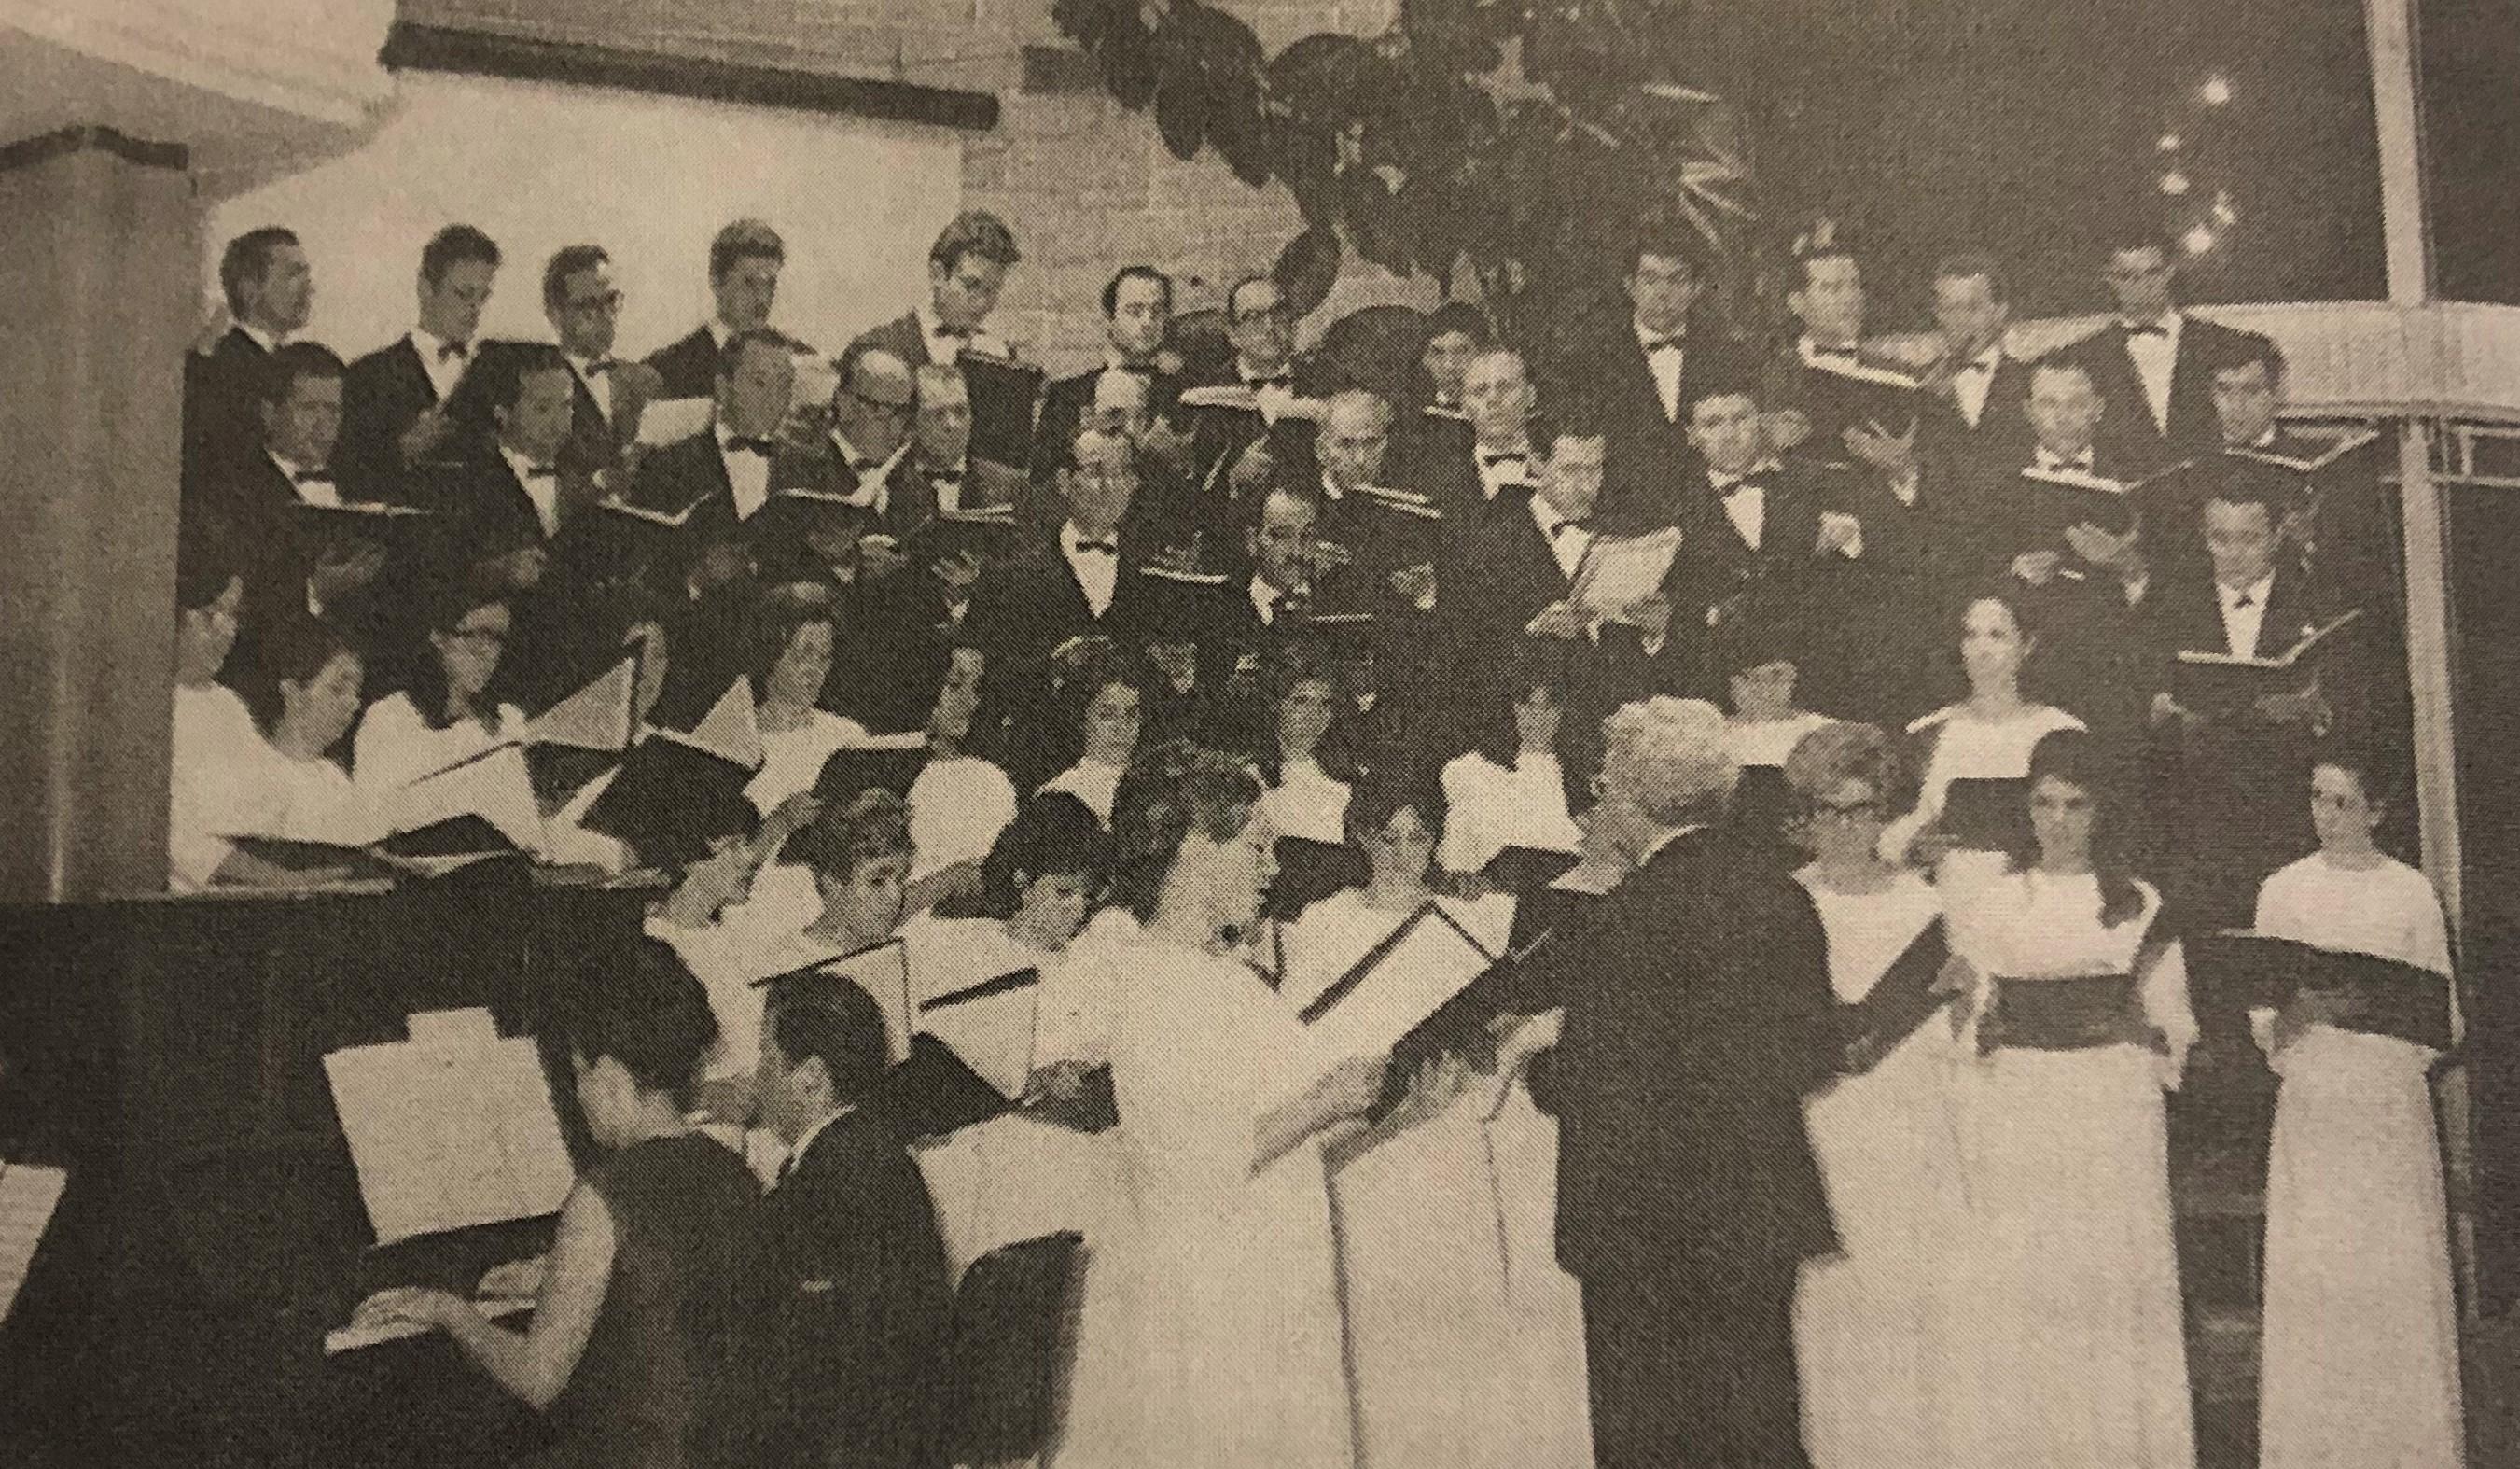 Presentación del Coro de la Asociación Italiana de Monte Grande en 1968.